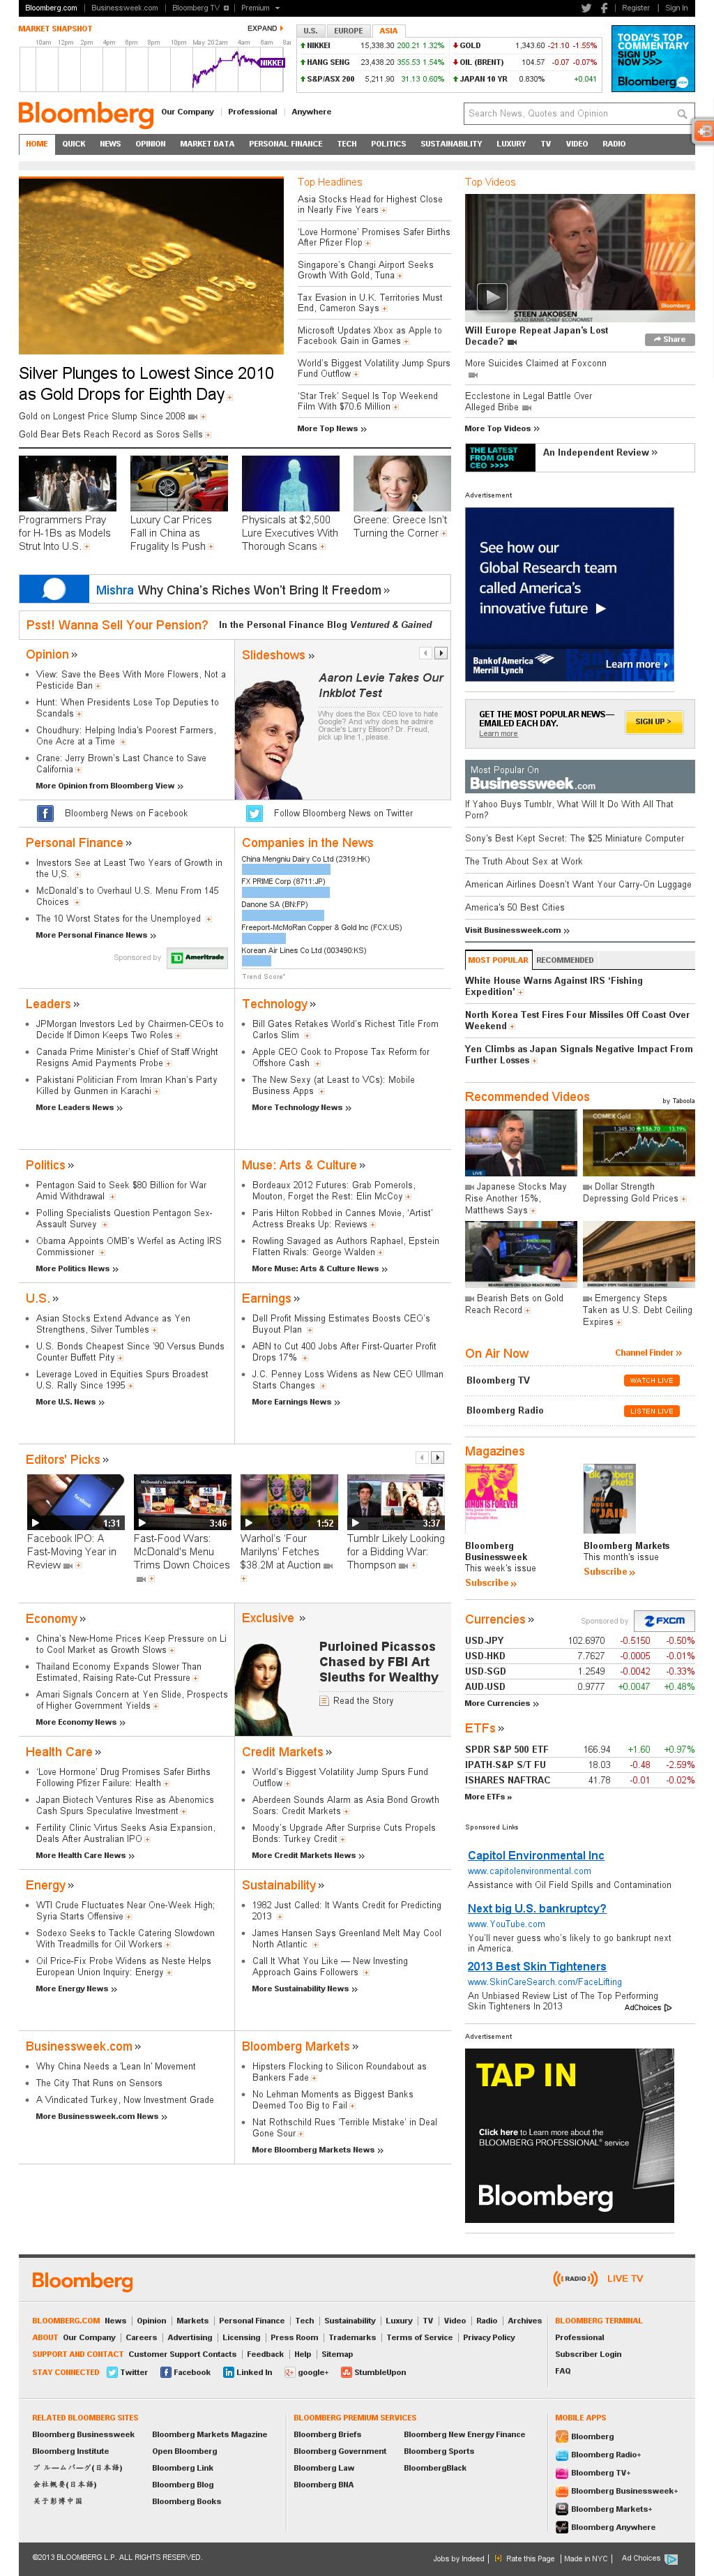 Bloomberg at Monday May 20, 2013, 6:01 a.m. UTC